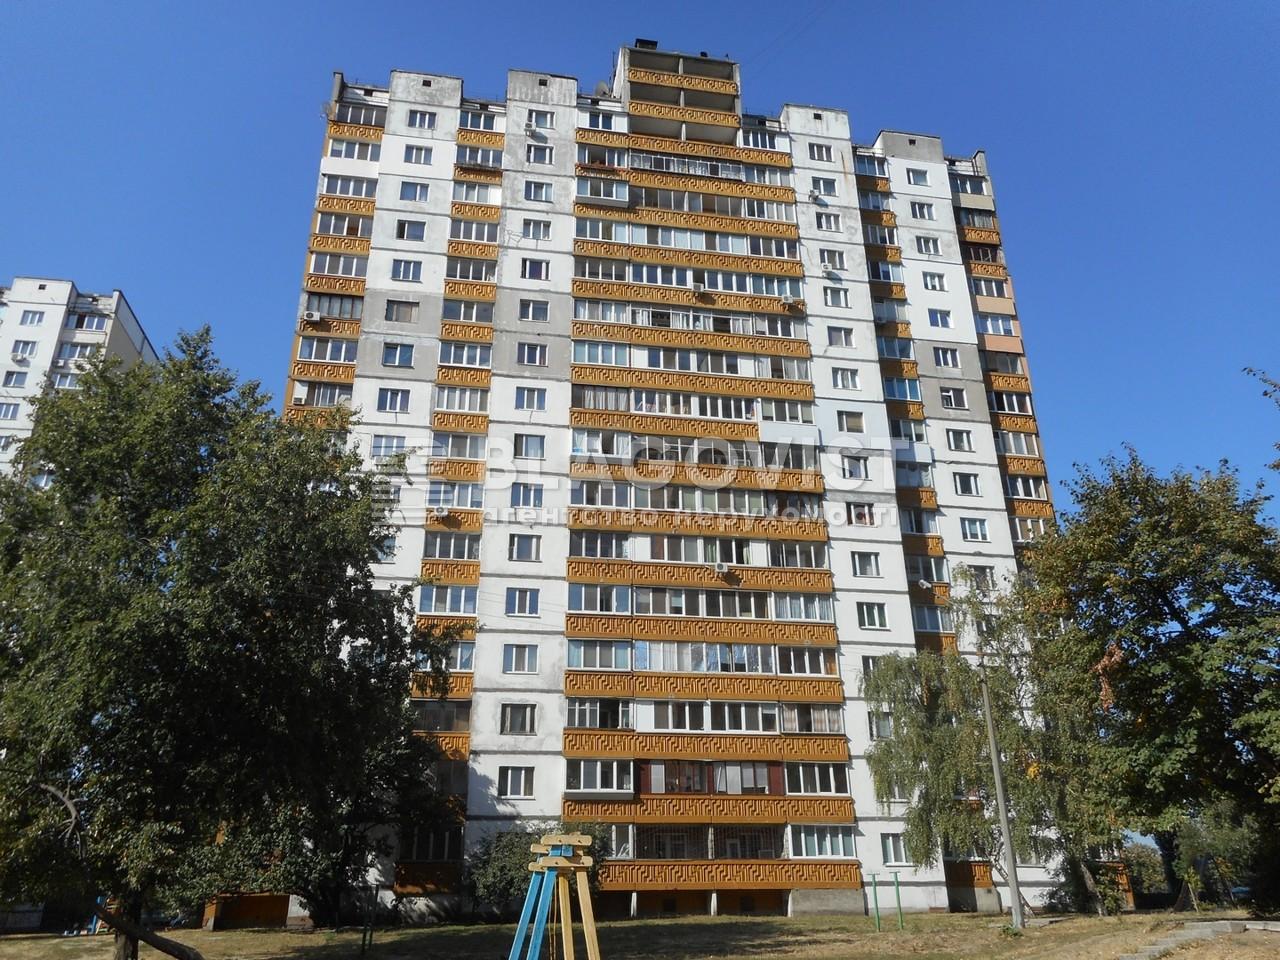 Квартира R-39961, Радужная, 31, Киев - Фото 2